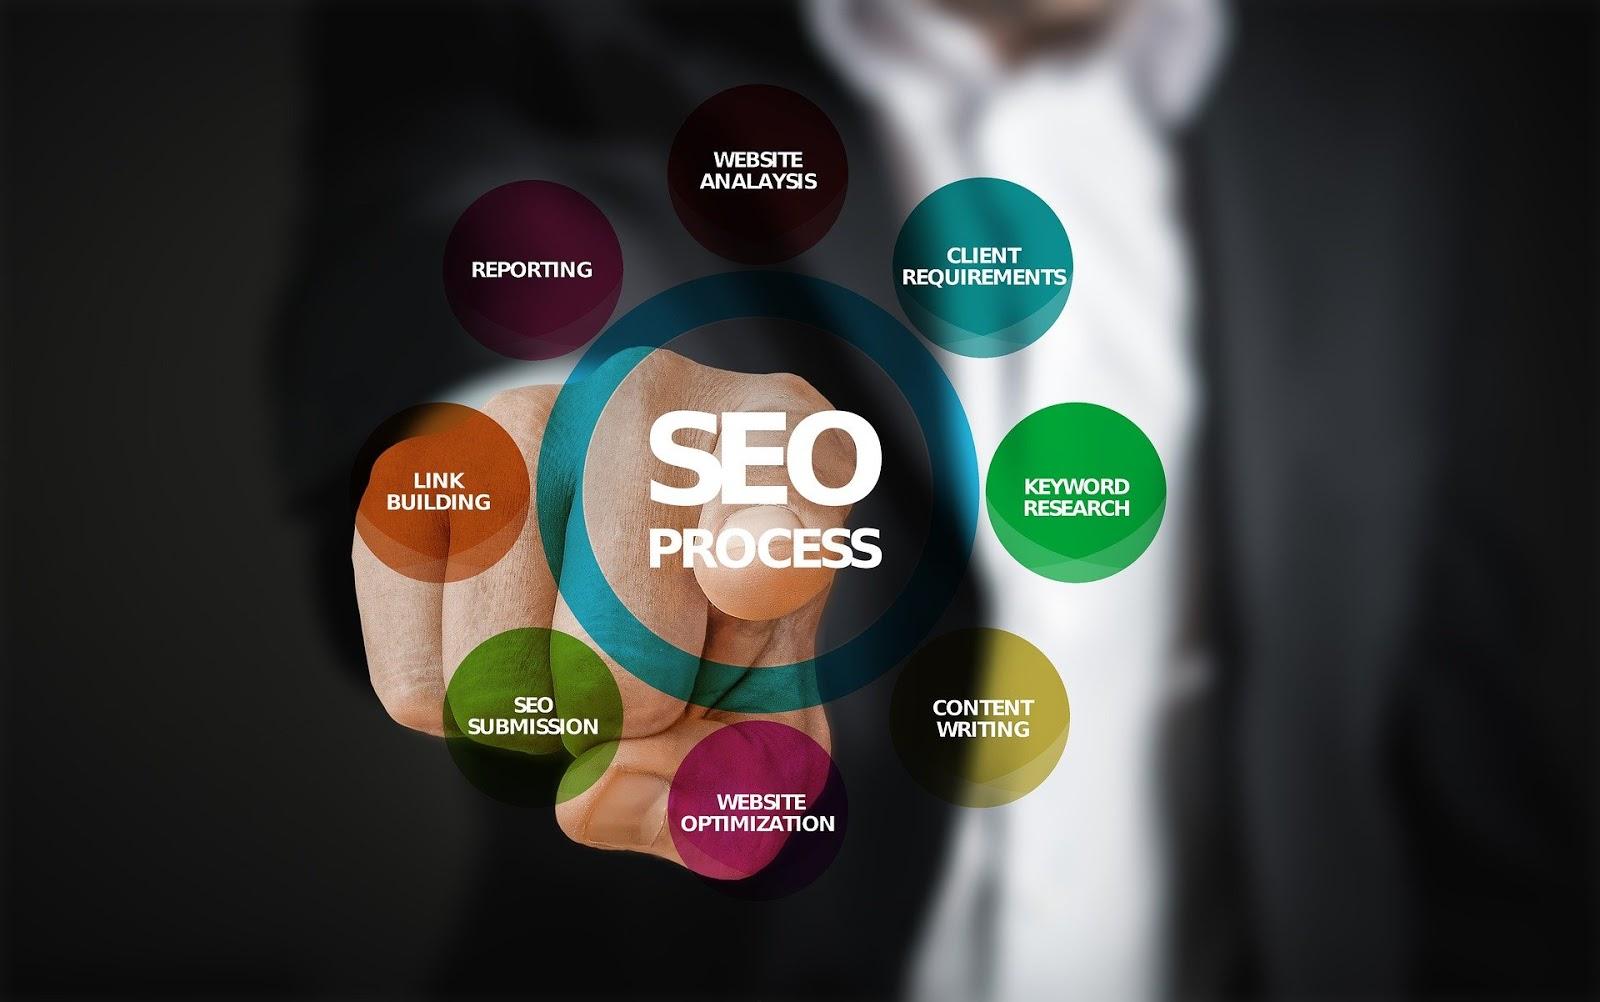 Les fondamentaux du SEO pour Augmenter le trafic sur votre site